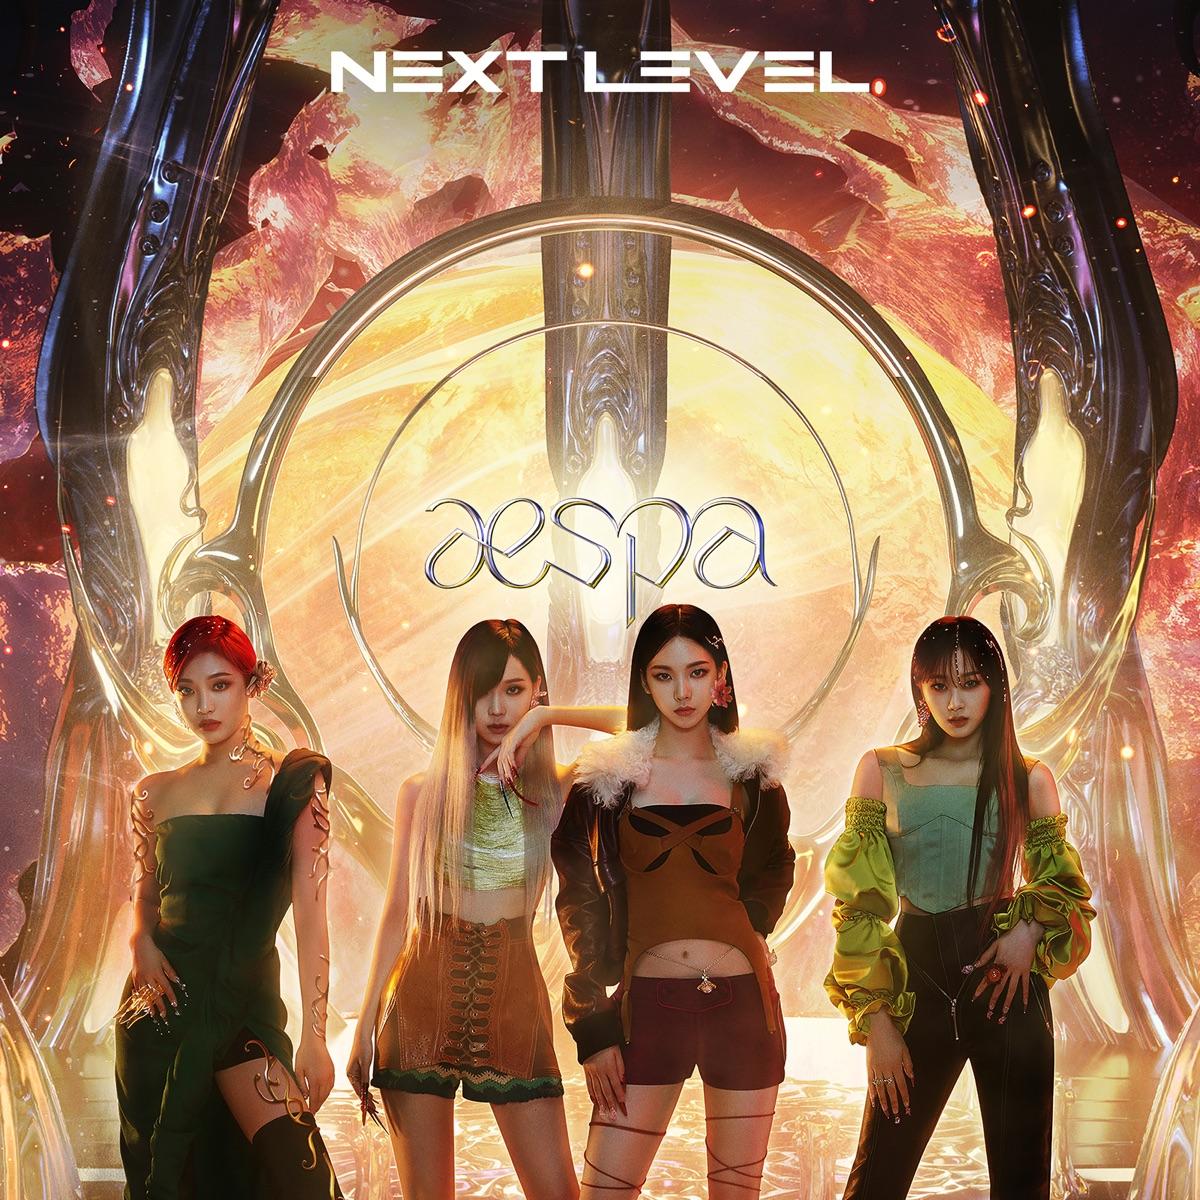 『aespa - Next Level』収録の『Next Level』ジャケット